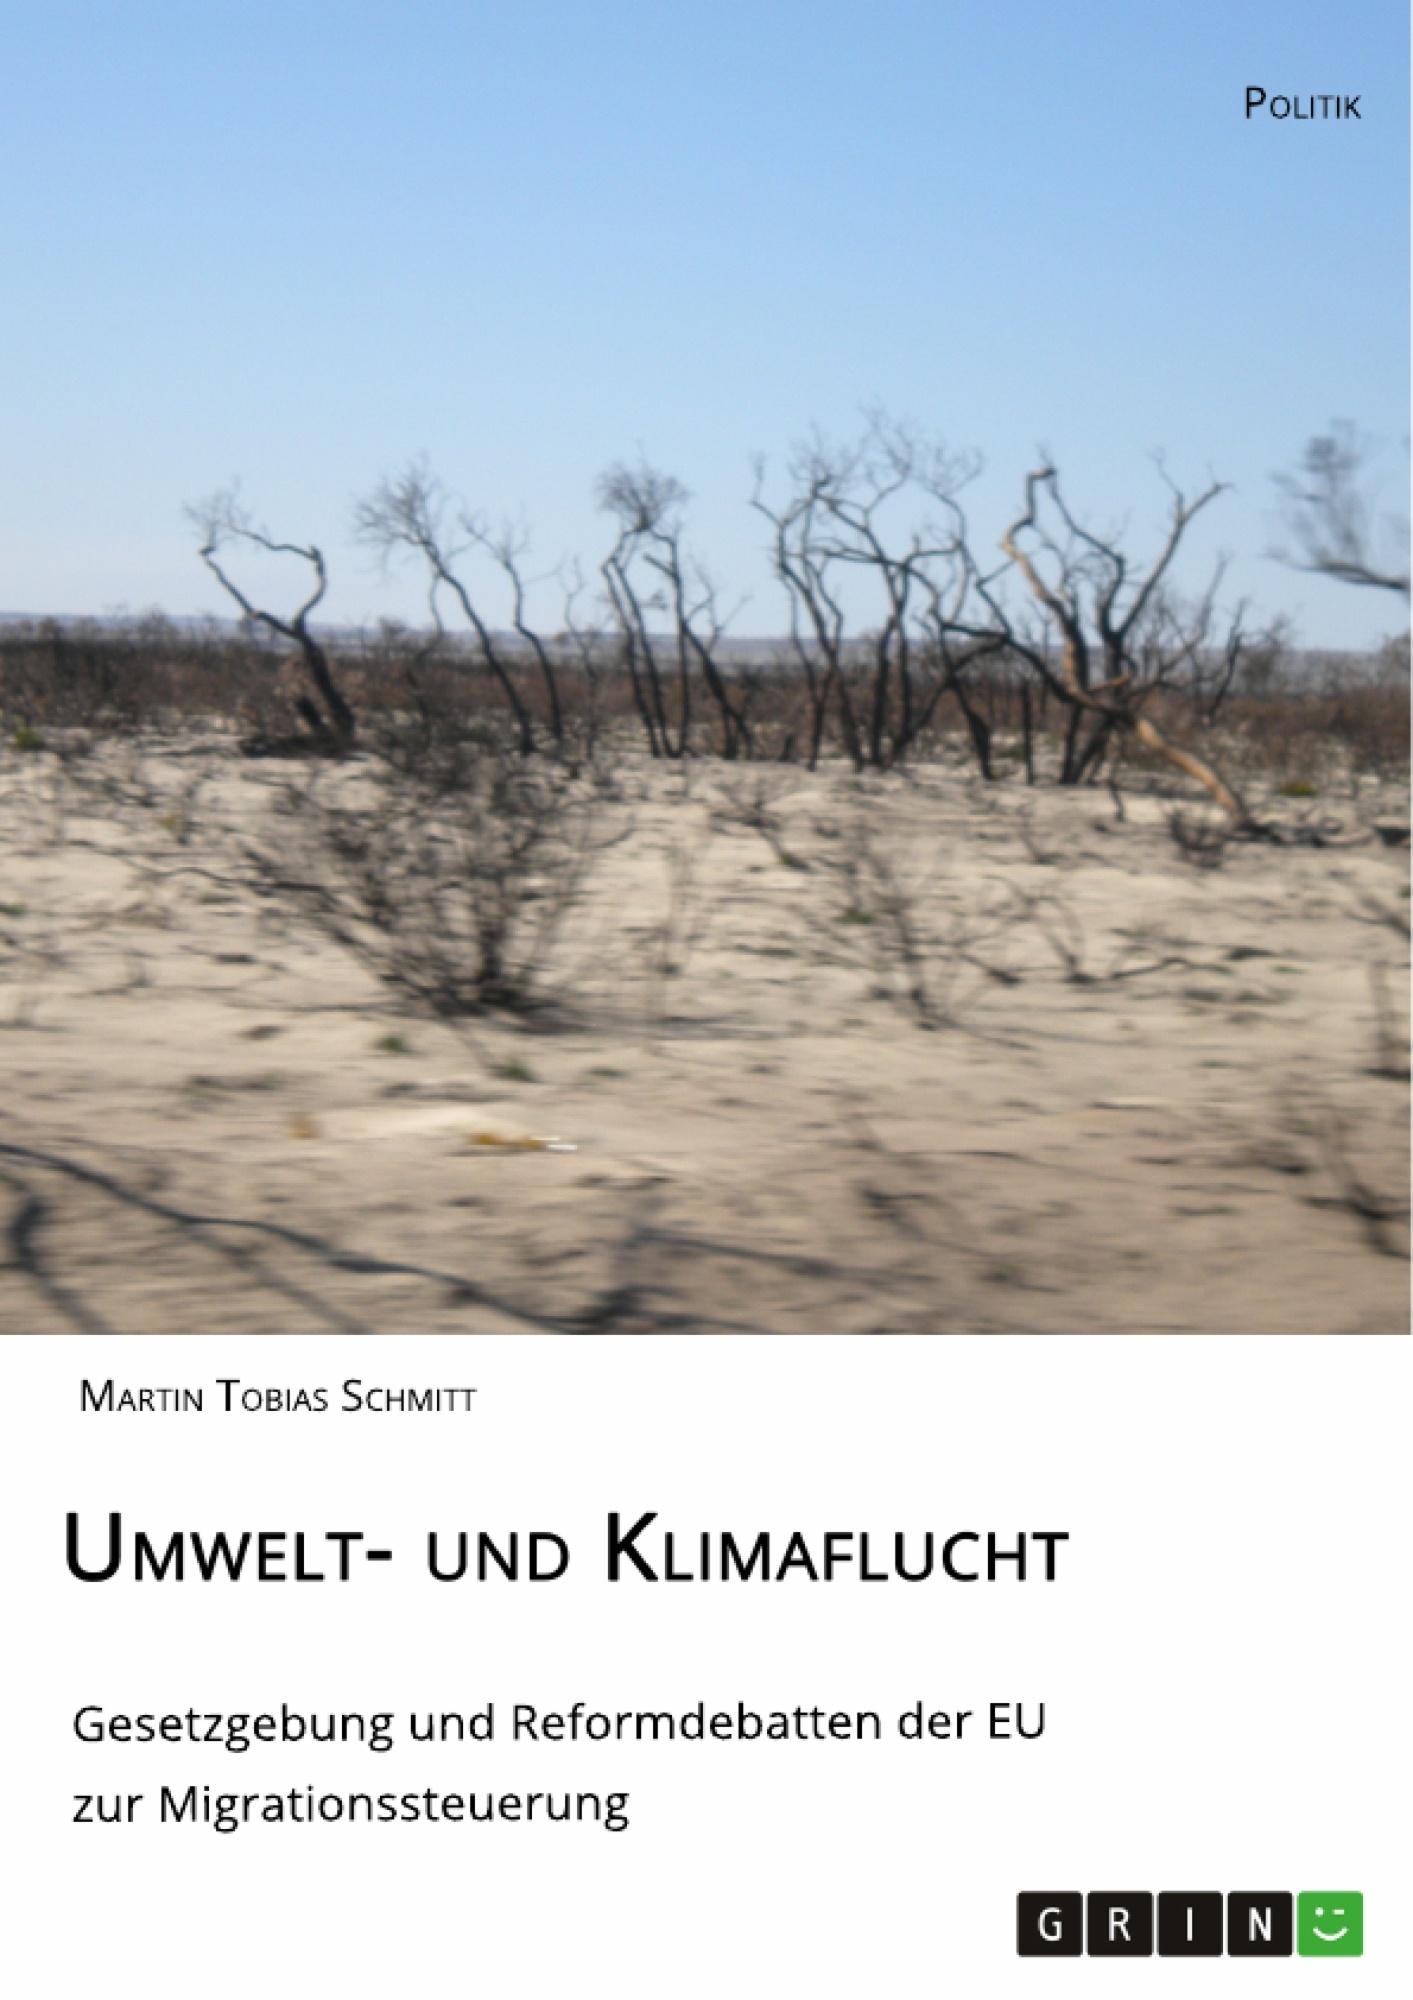 Titel: Umwelt- und Klimaflucht. Gesetzgebung und Reformdebatten der EU zur Migrationssteuerung